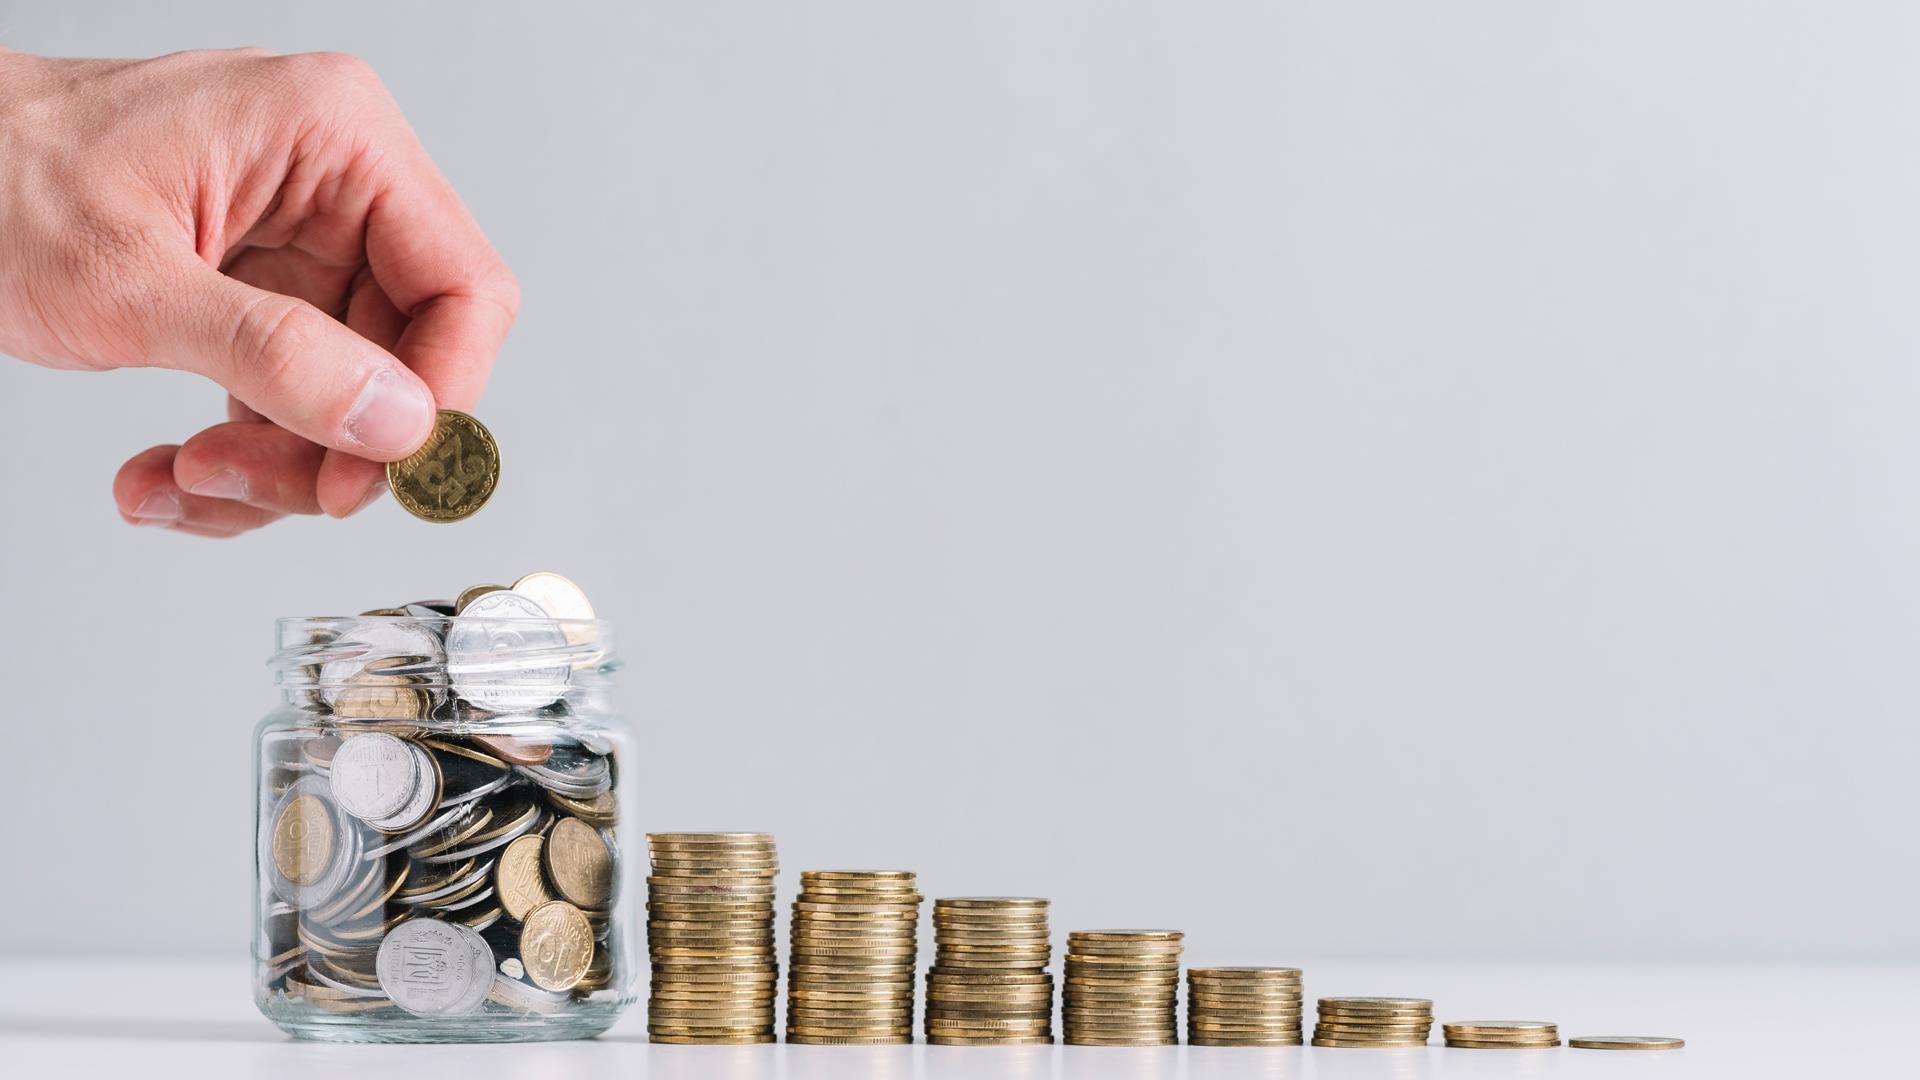 Quỹ đầu tư có phải là kênh đầu tư tài chính hiệu quả, an toàn?